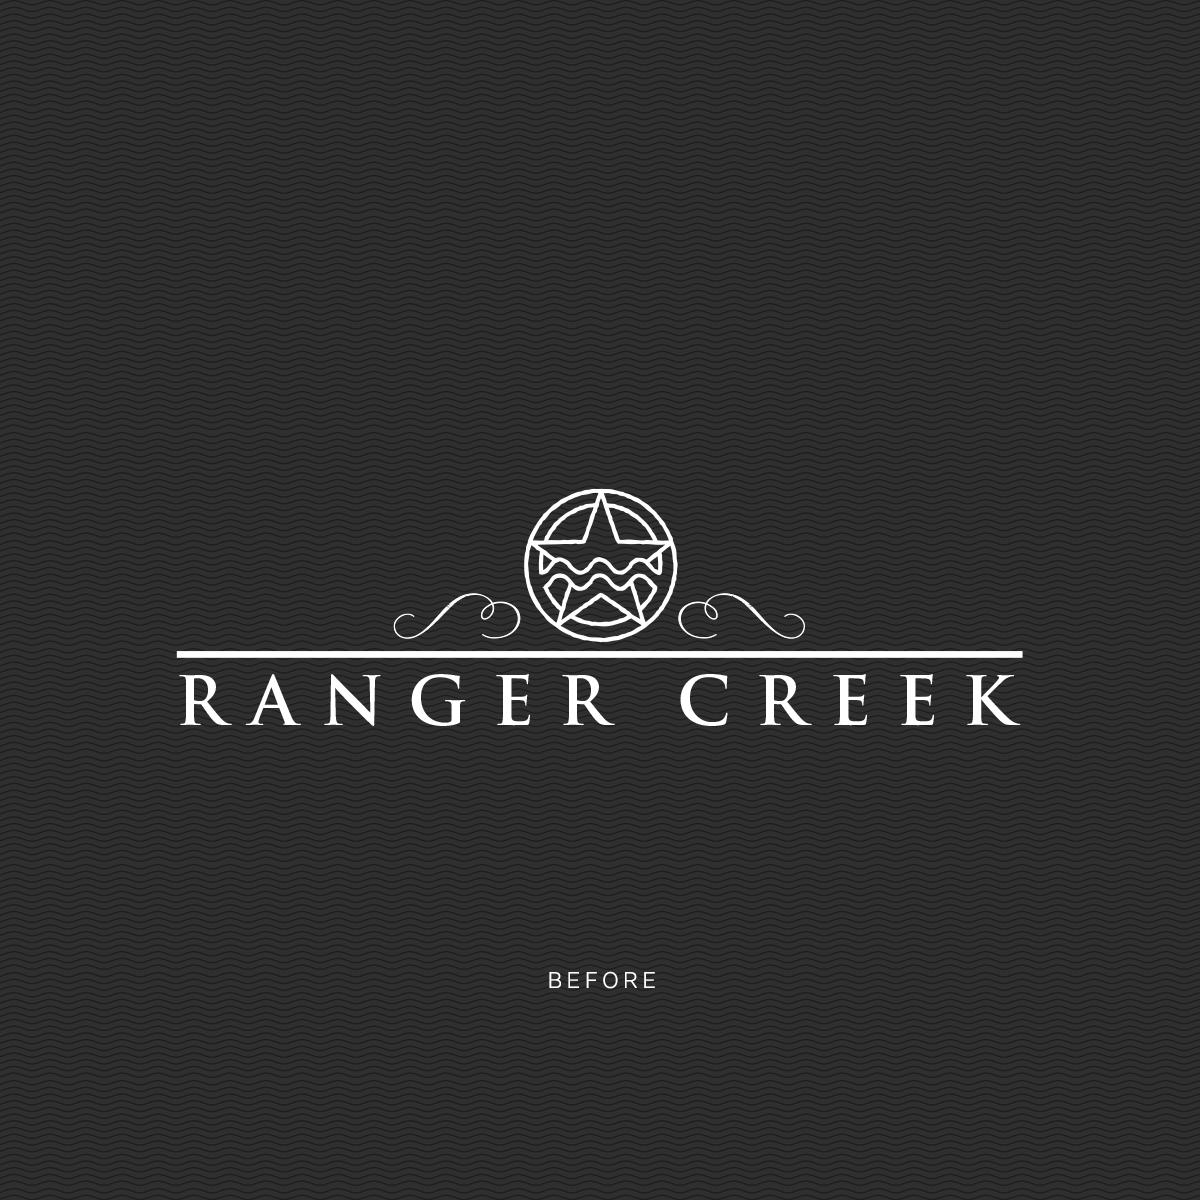 Ranger Creek Branding